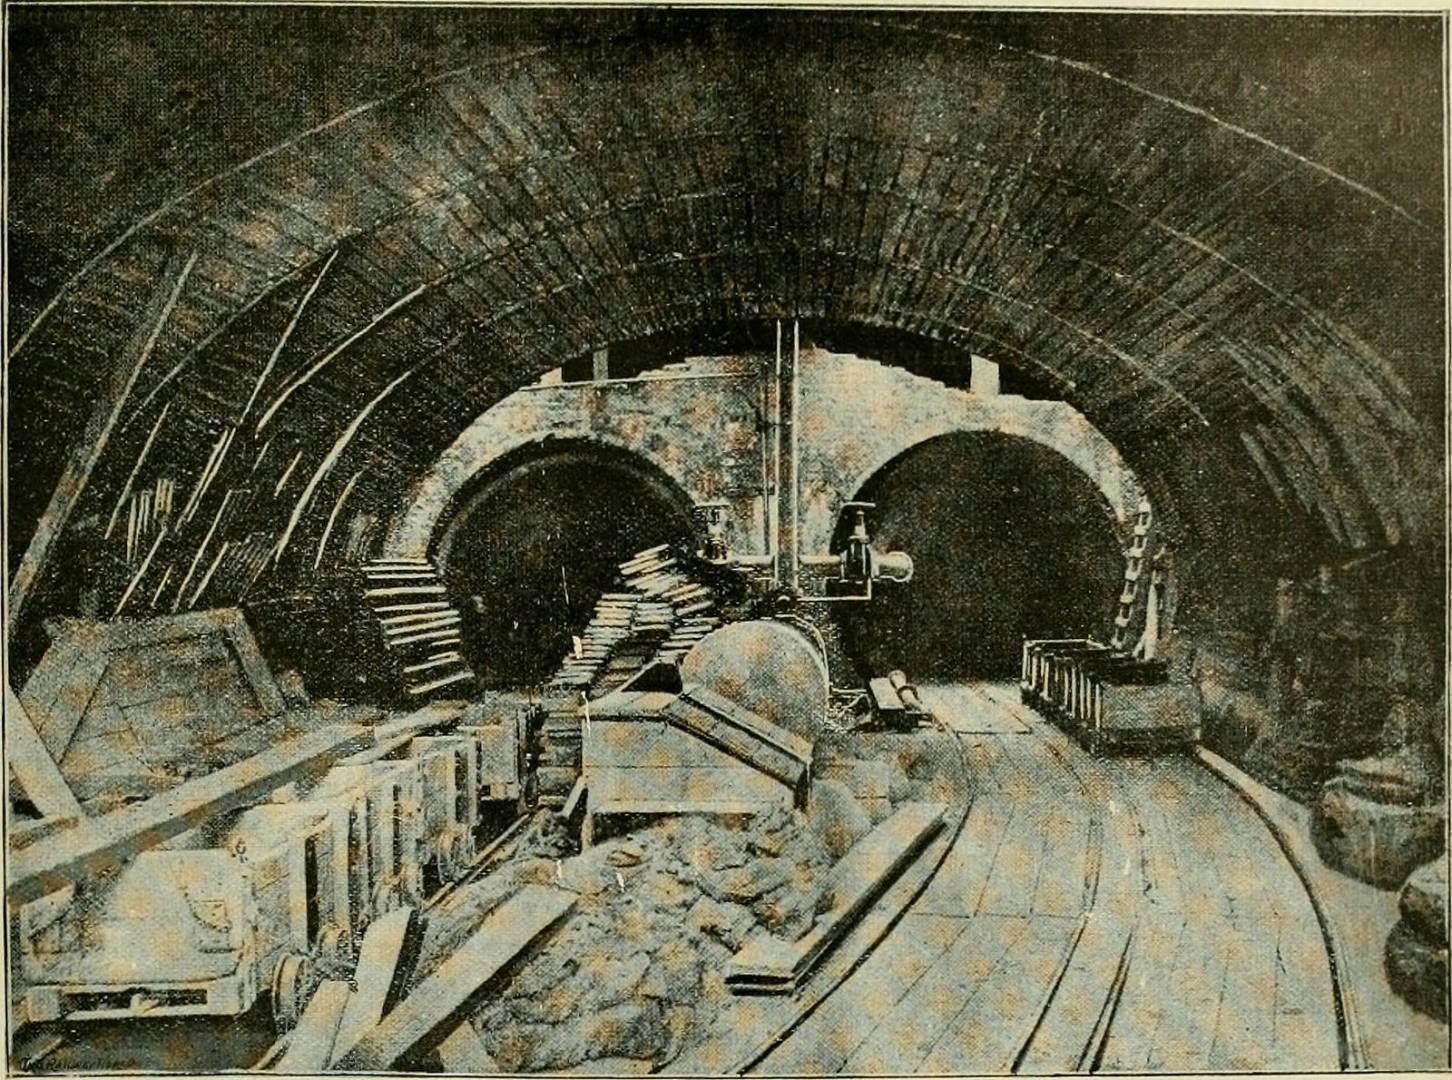 Imagen de la construcción de uno de los metros más antiguos del mundo, el de Glasgow, publicada en The street railway review.